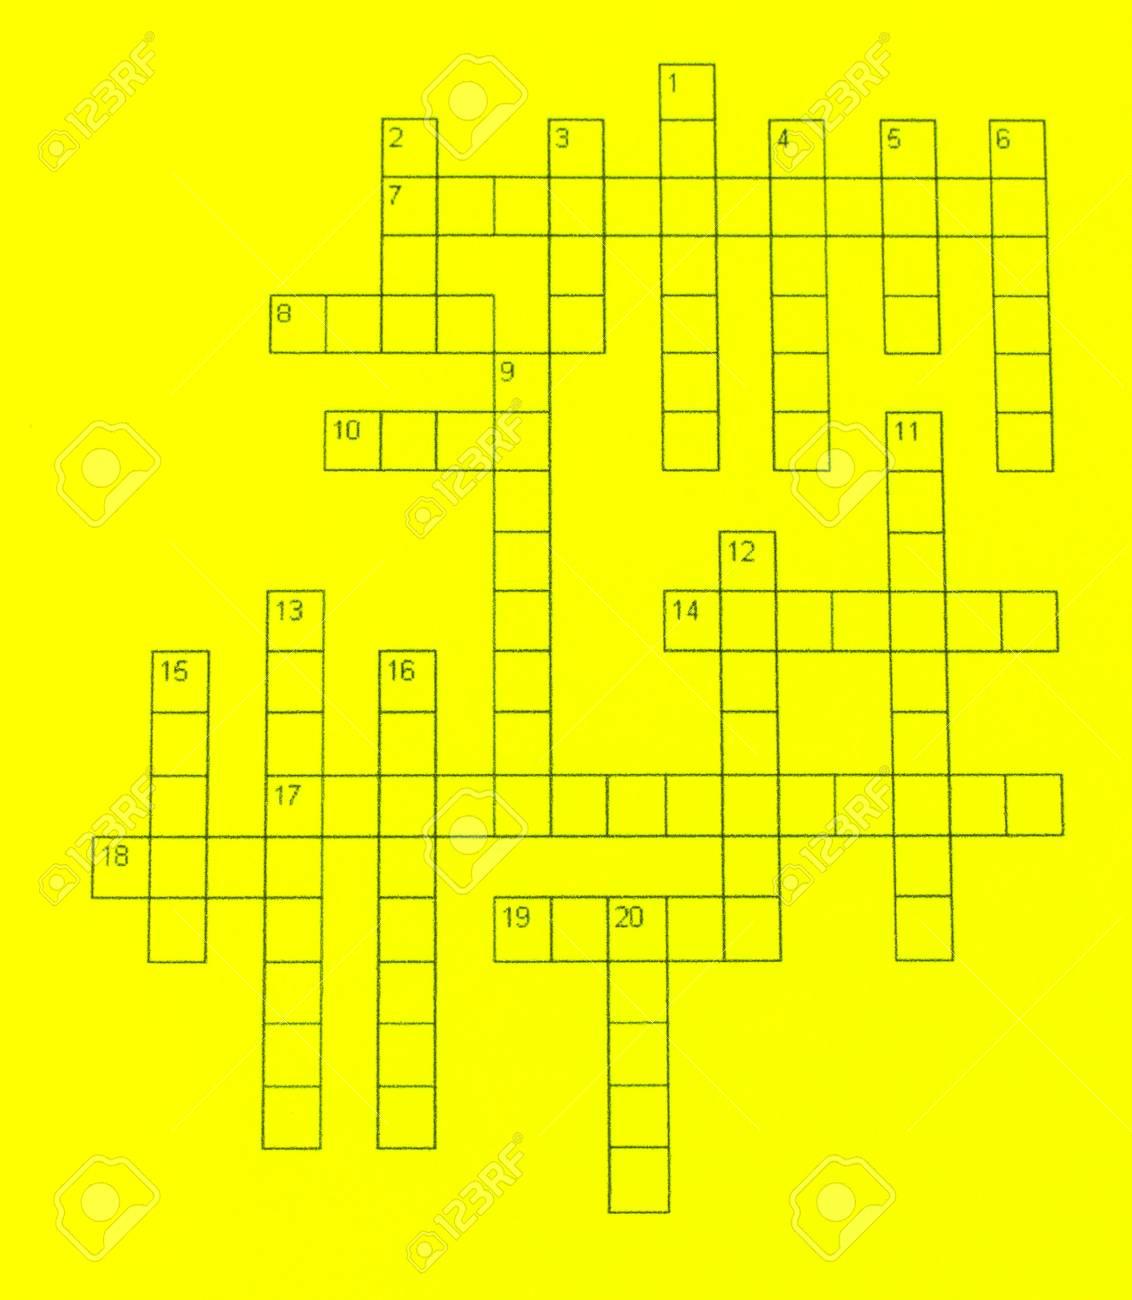 ワード パズル クロス